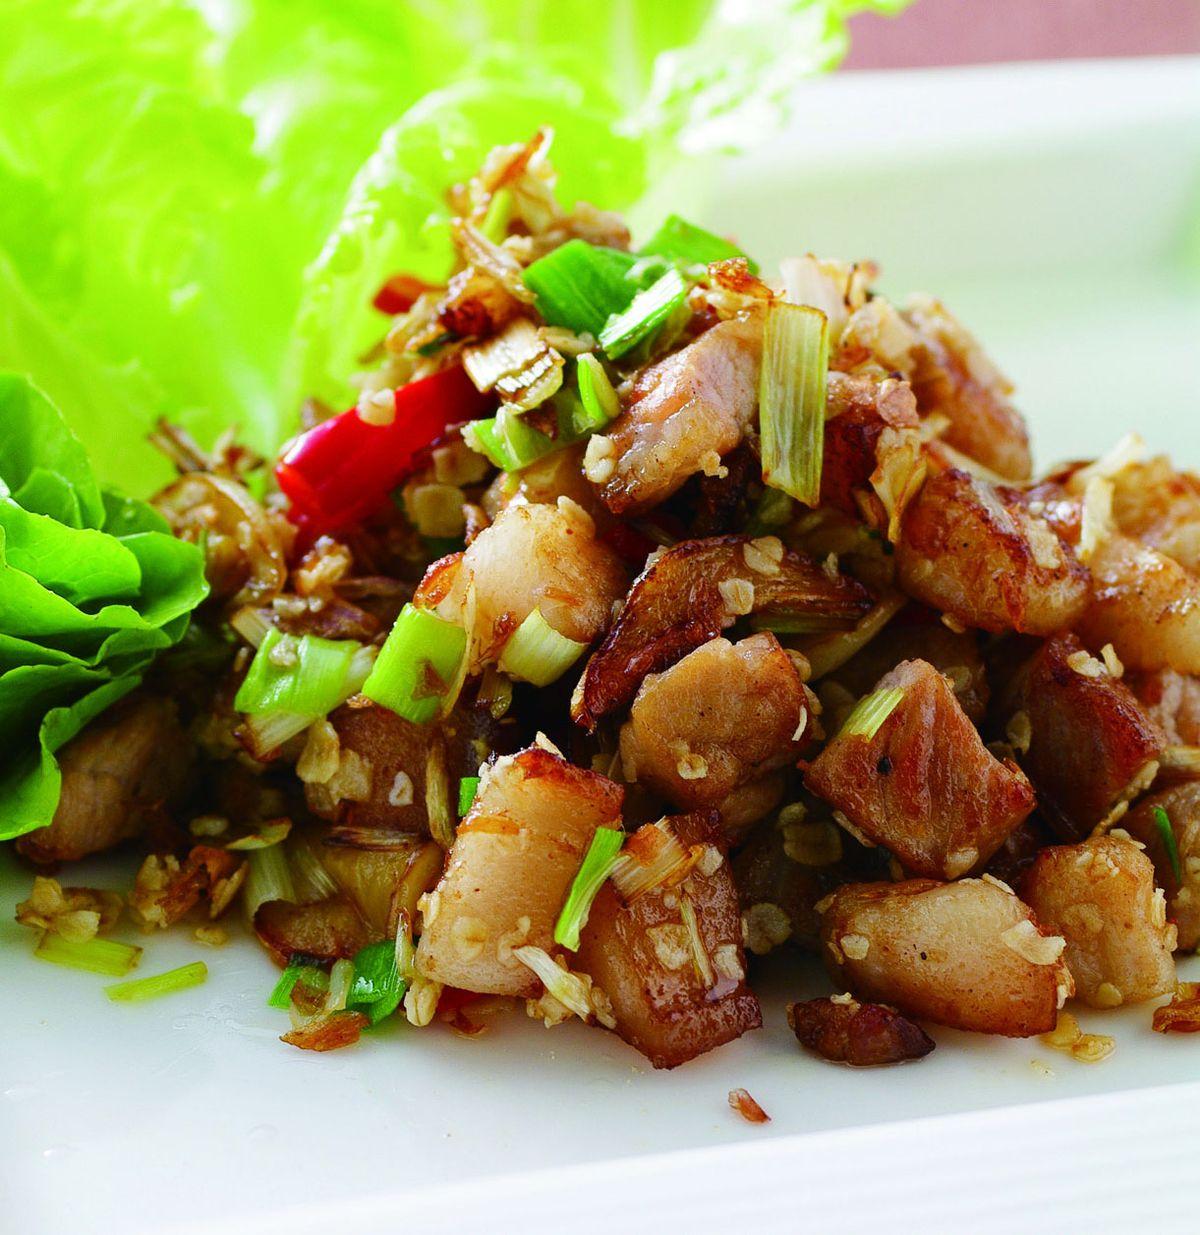 食譜:燕麥片炒回鍋豬肉